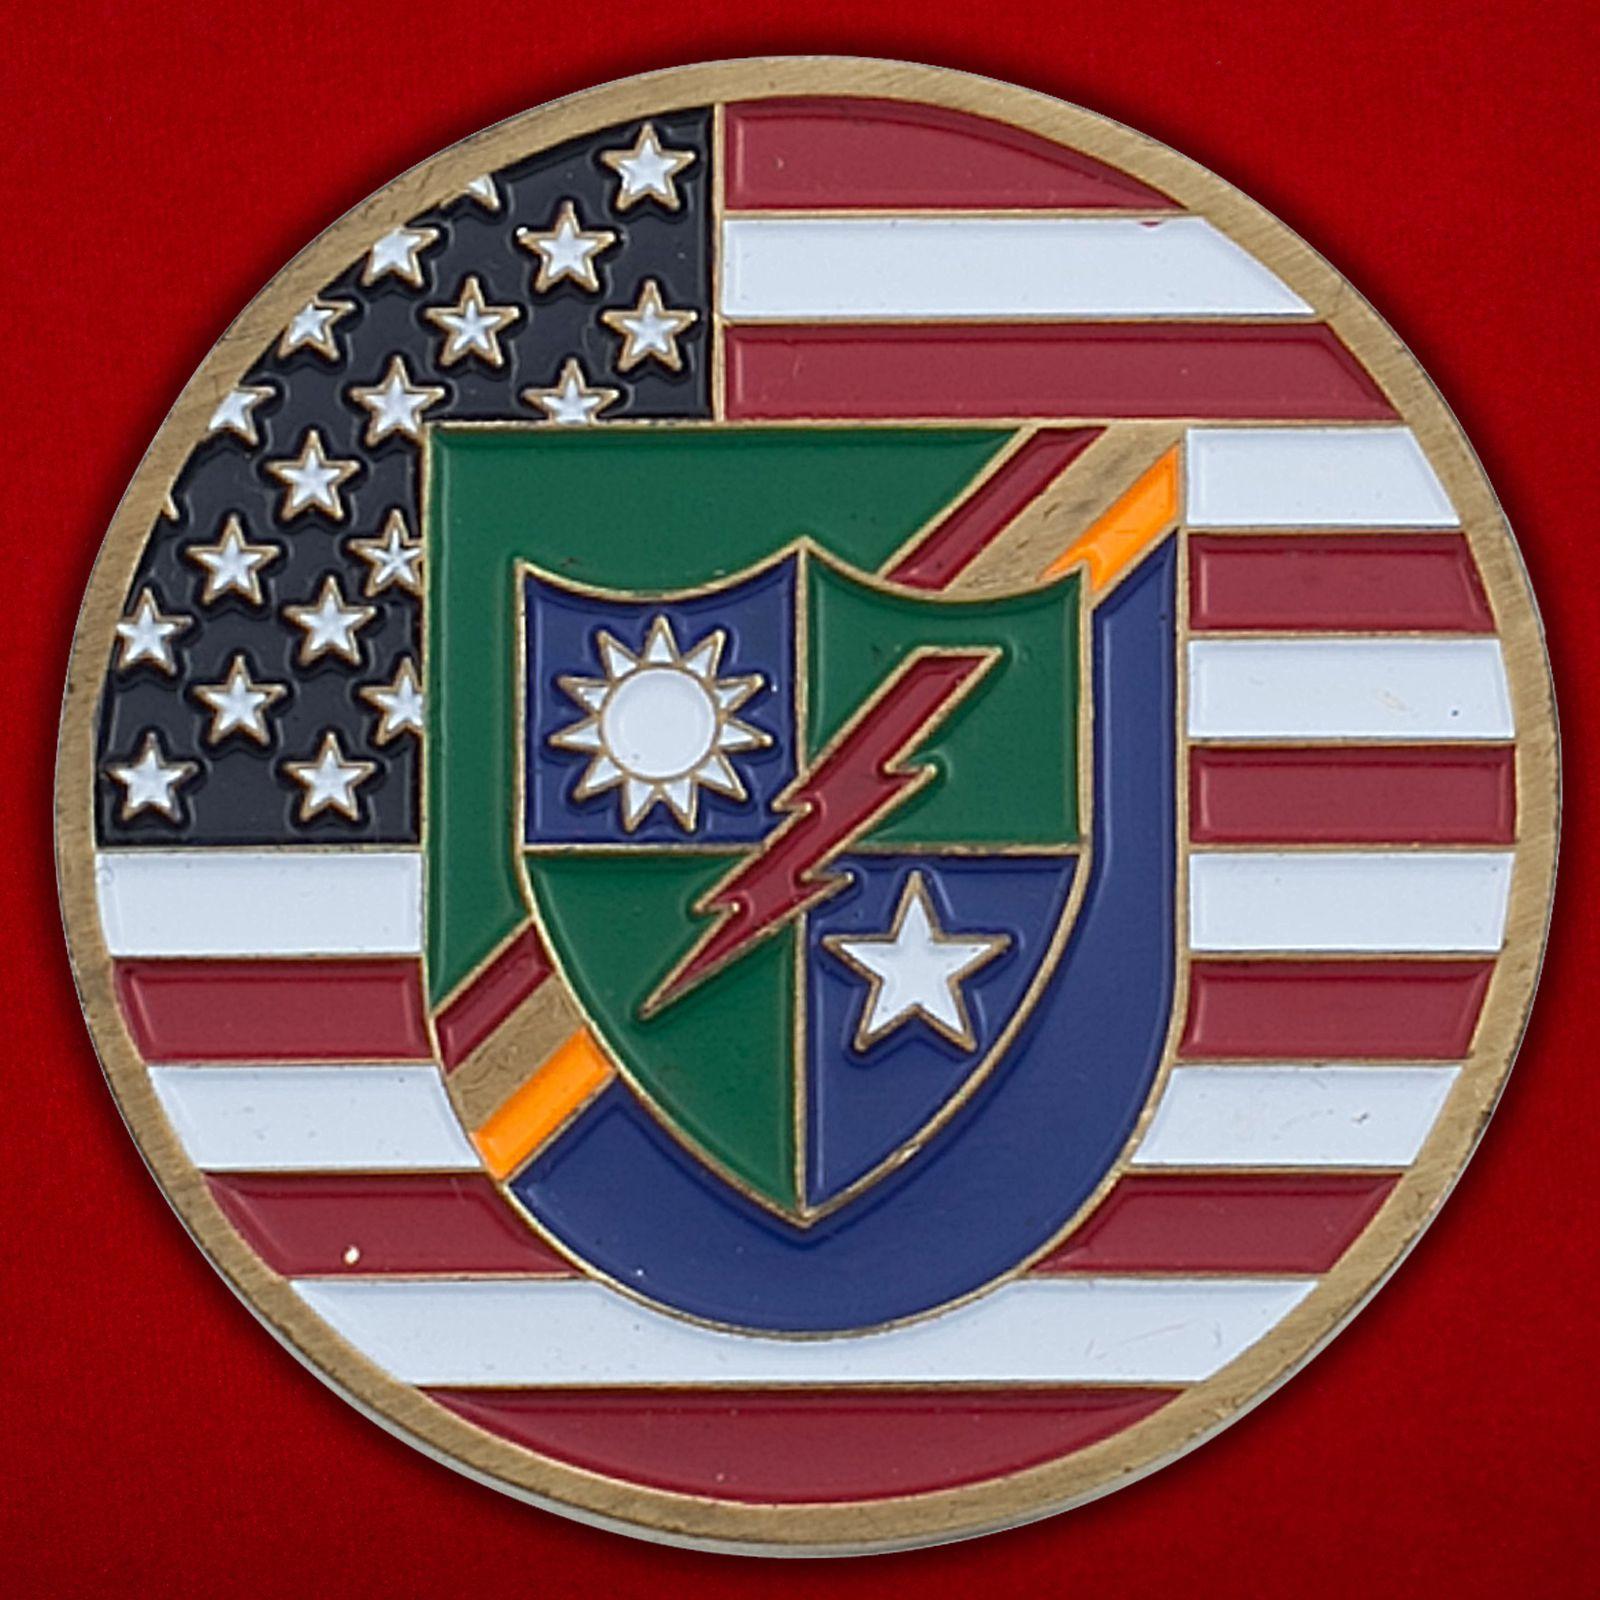 Челлендж коин 3-го батальона рейнджеров